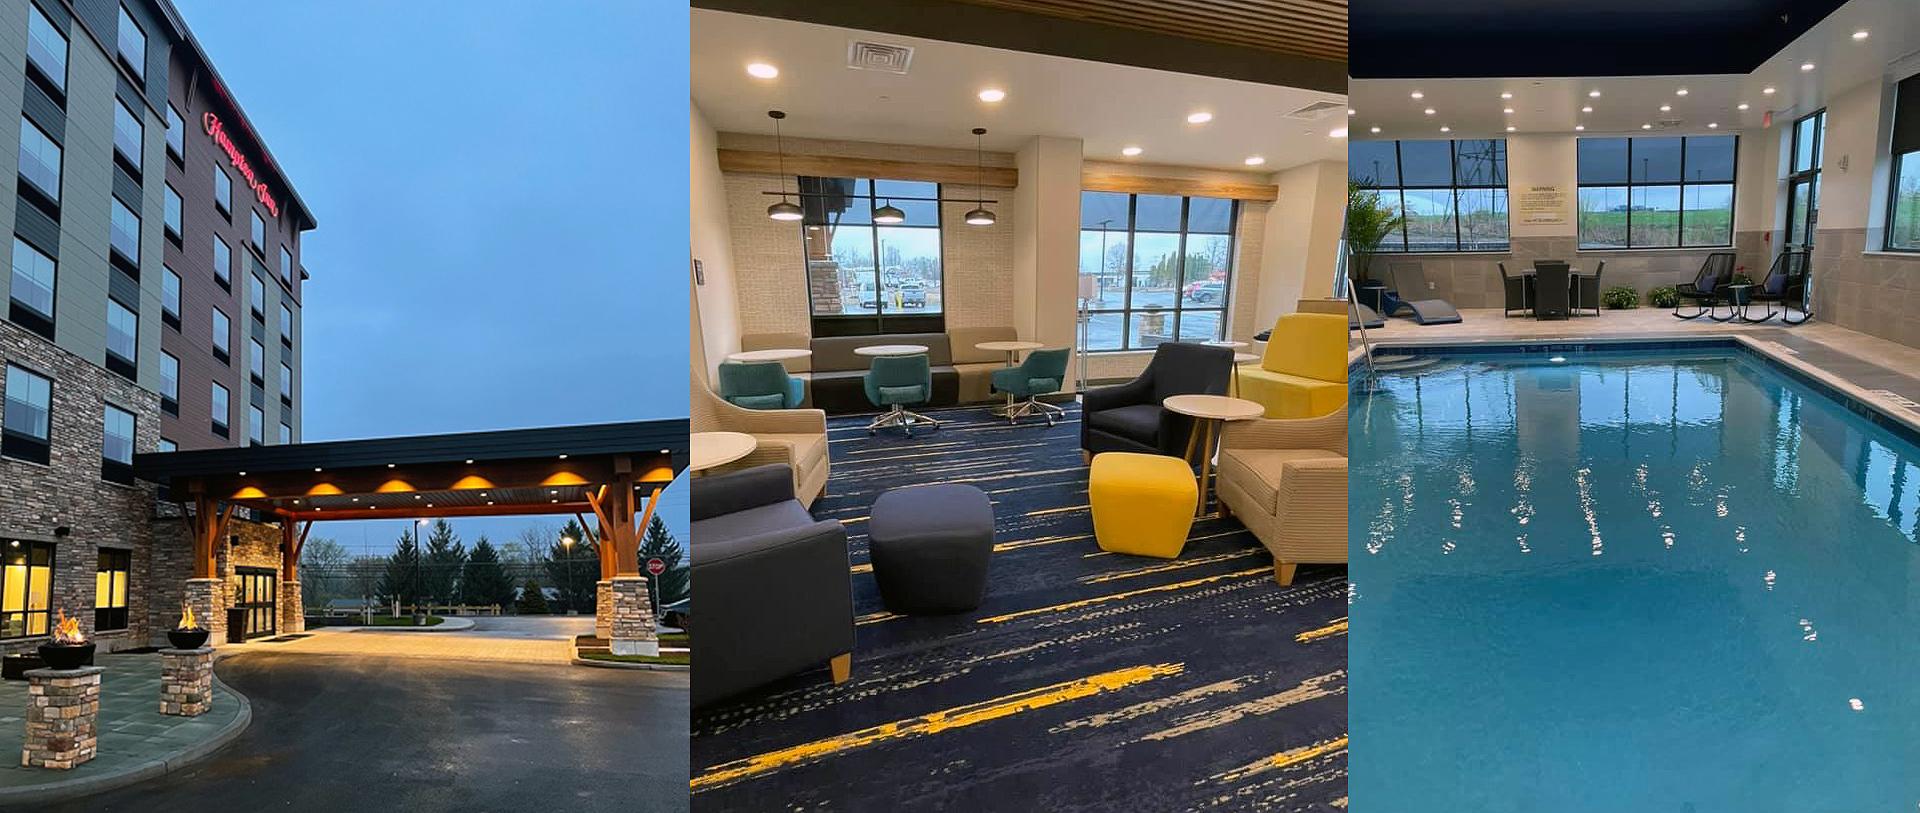 Hampton Inn Development